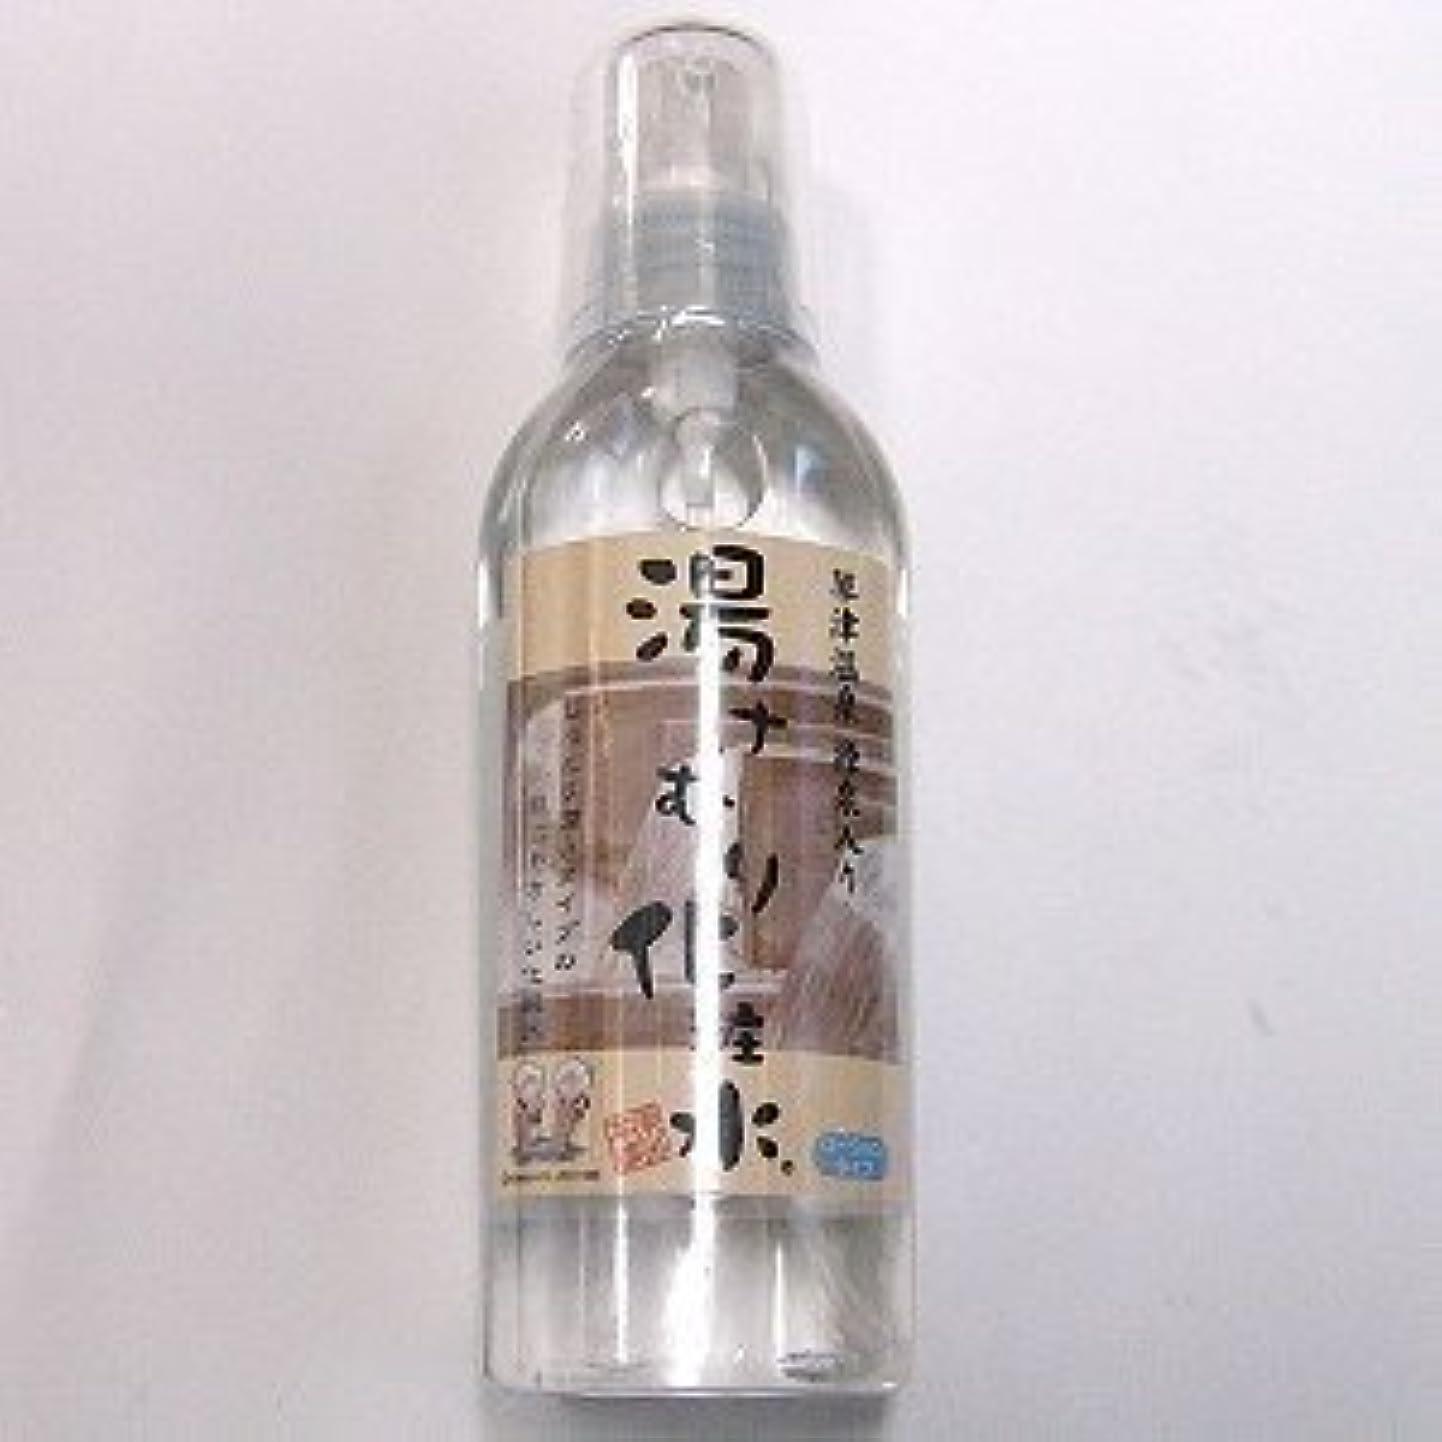 液化するわずらわしい感嘆【当店限定】 湯けむり化粧水 (草津温泉の温泉入り) ローションタイプ 120ml